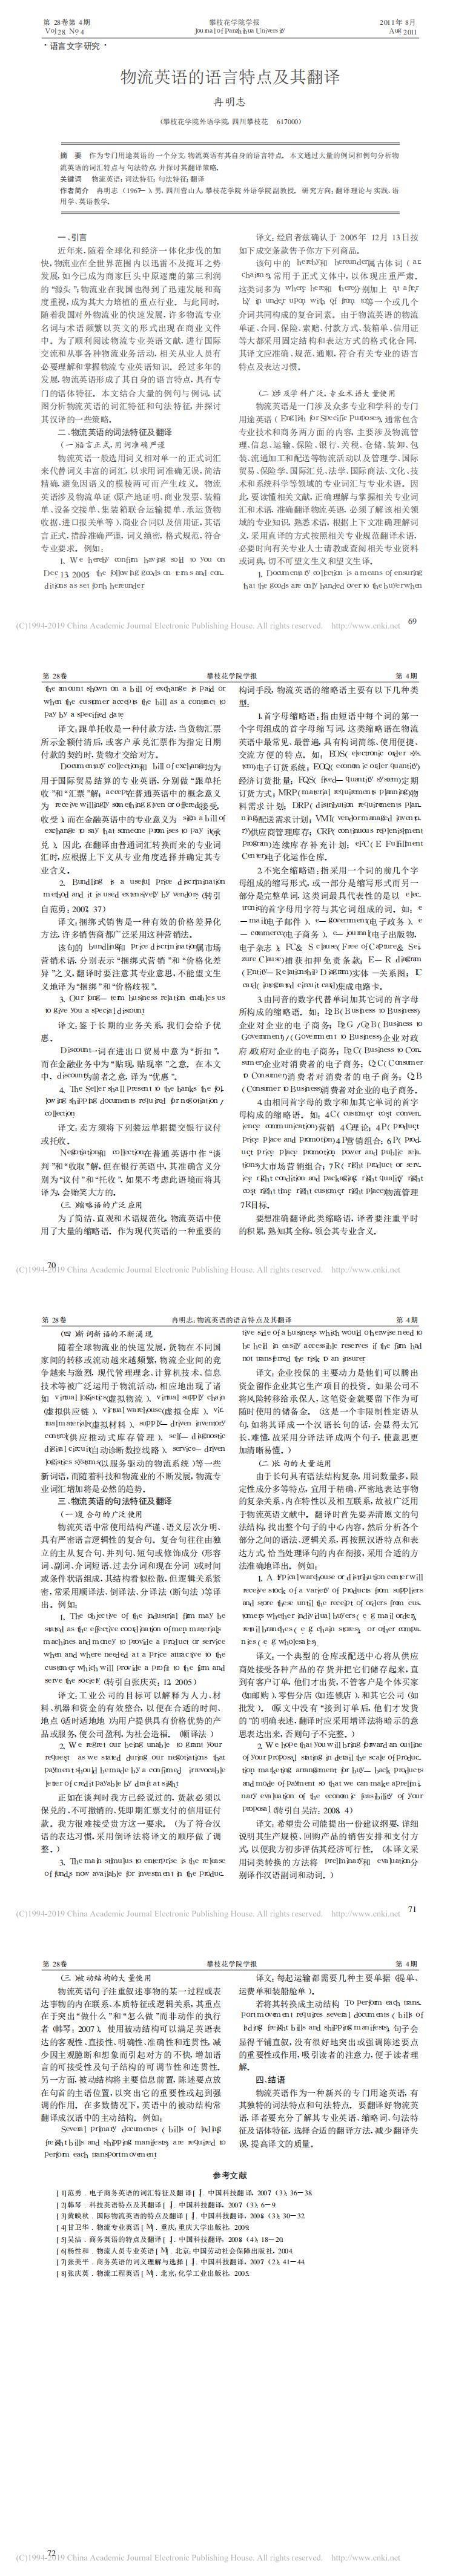 物流英语的语言特点及其翻译_冉明志_0.jpg